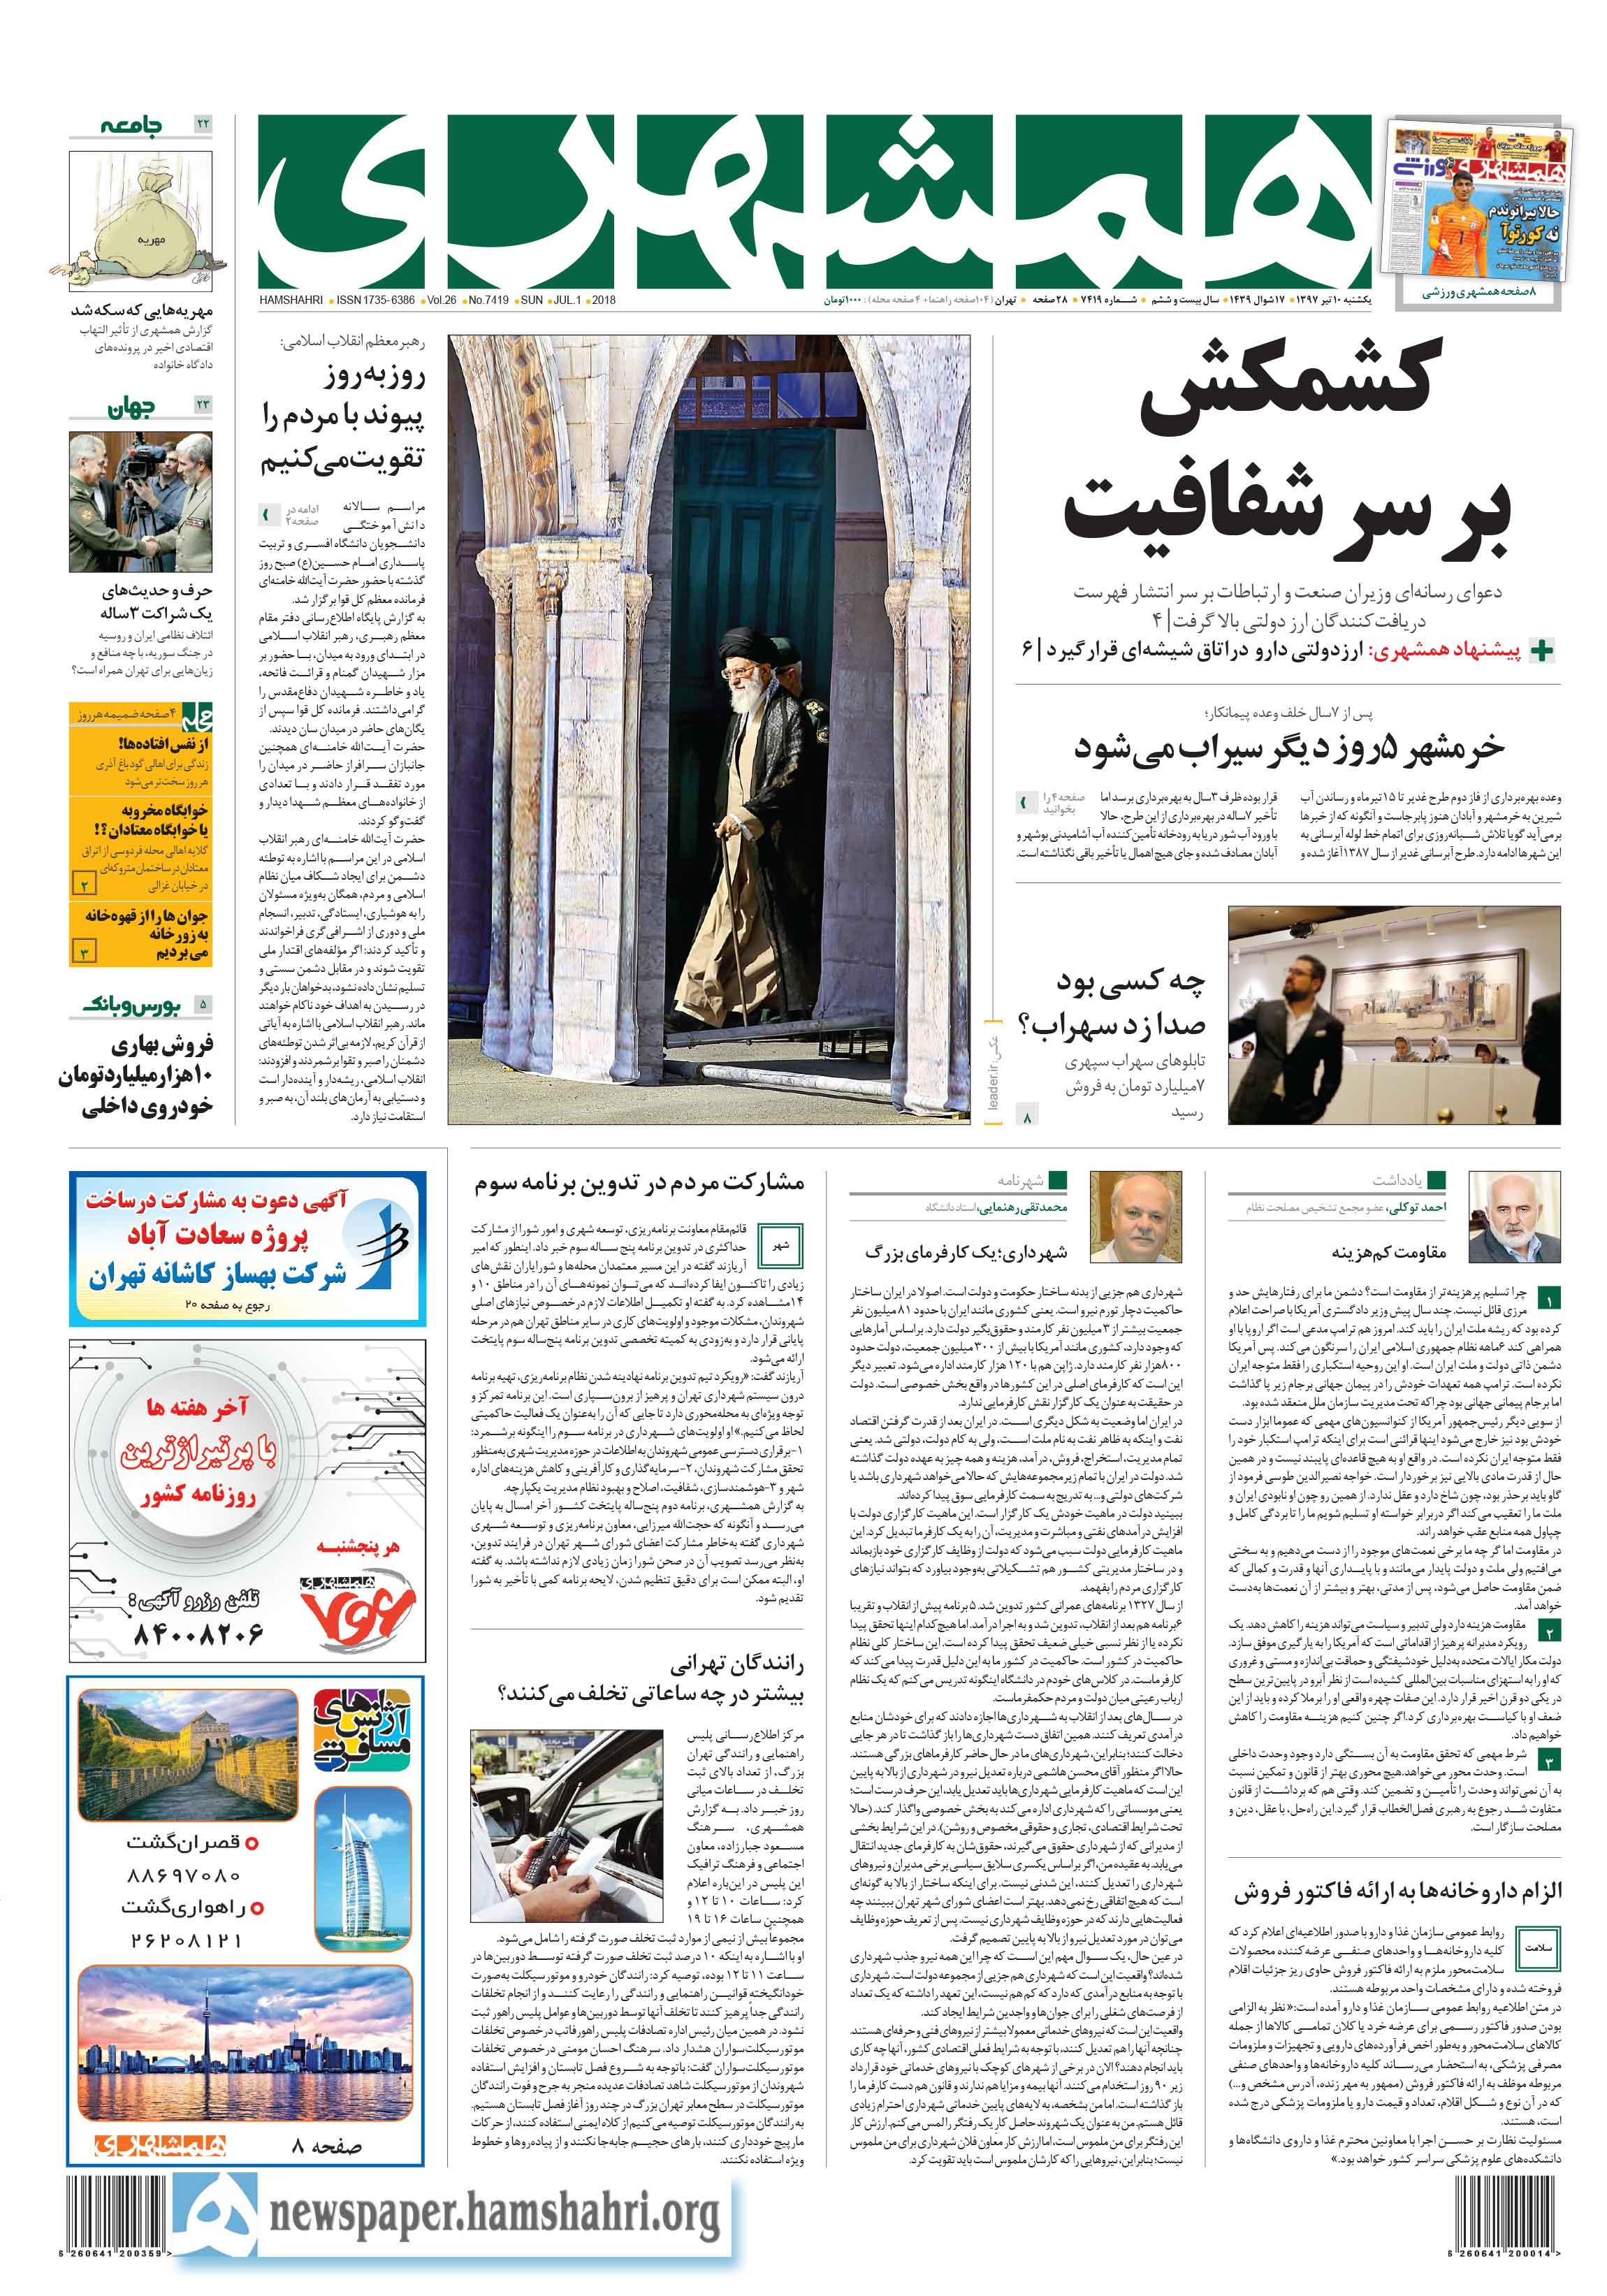 صفحه اول یکشنبه 10 تیر 1397